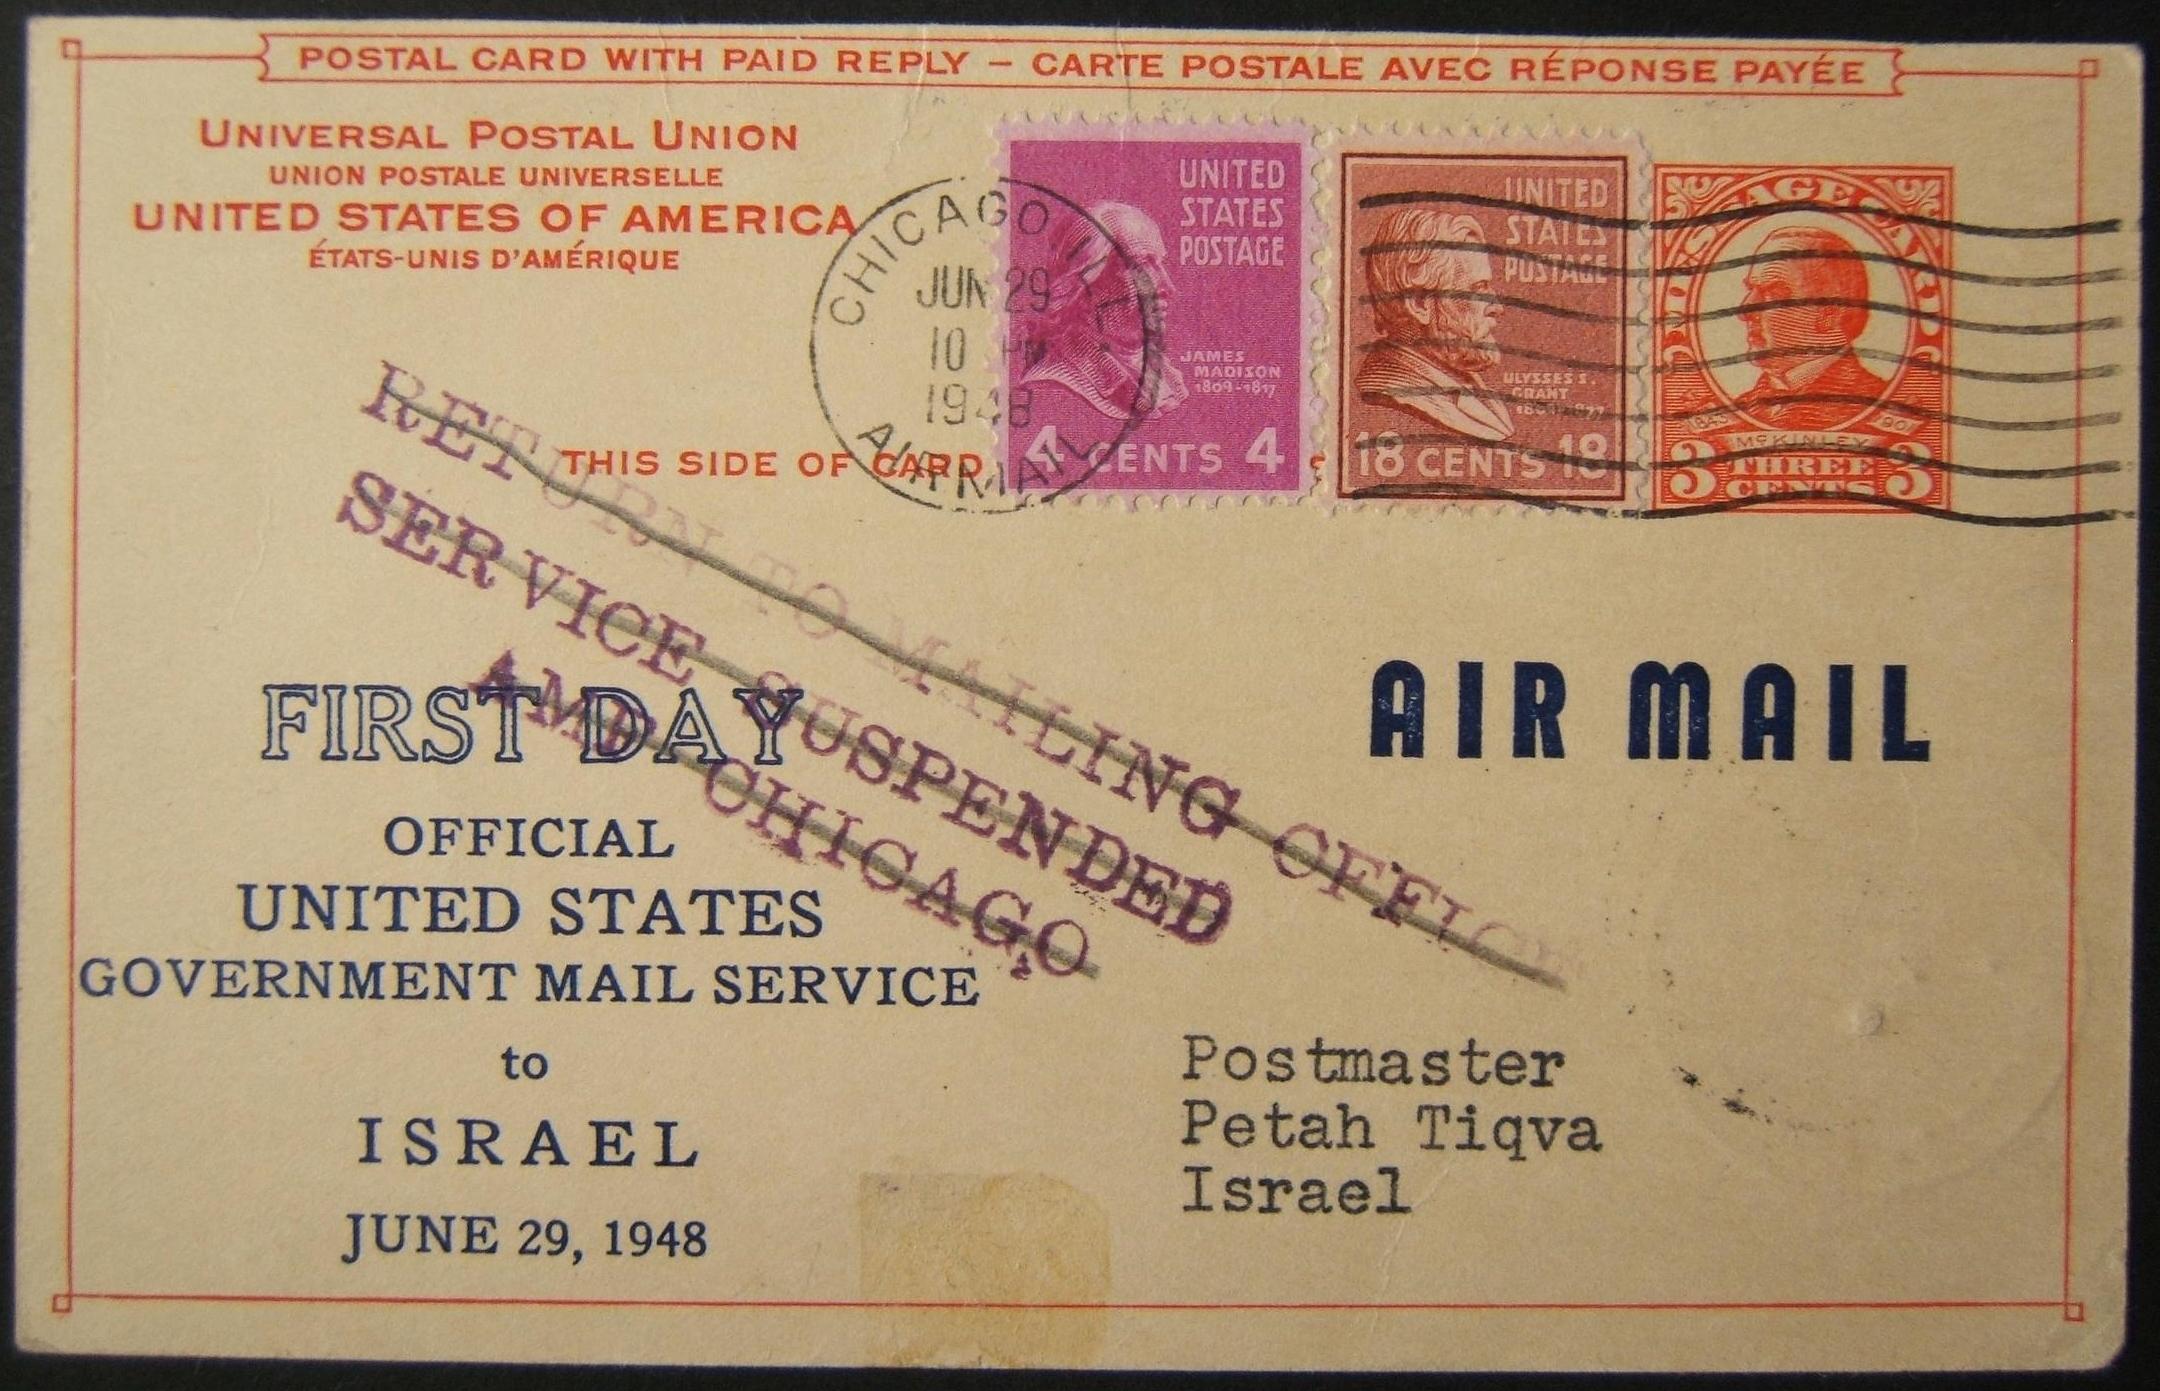 6/1948 דואר אוויר אמריקאי יום ראשון לישראל מושפע משליחת דואר ושלח אותו